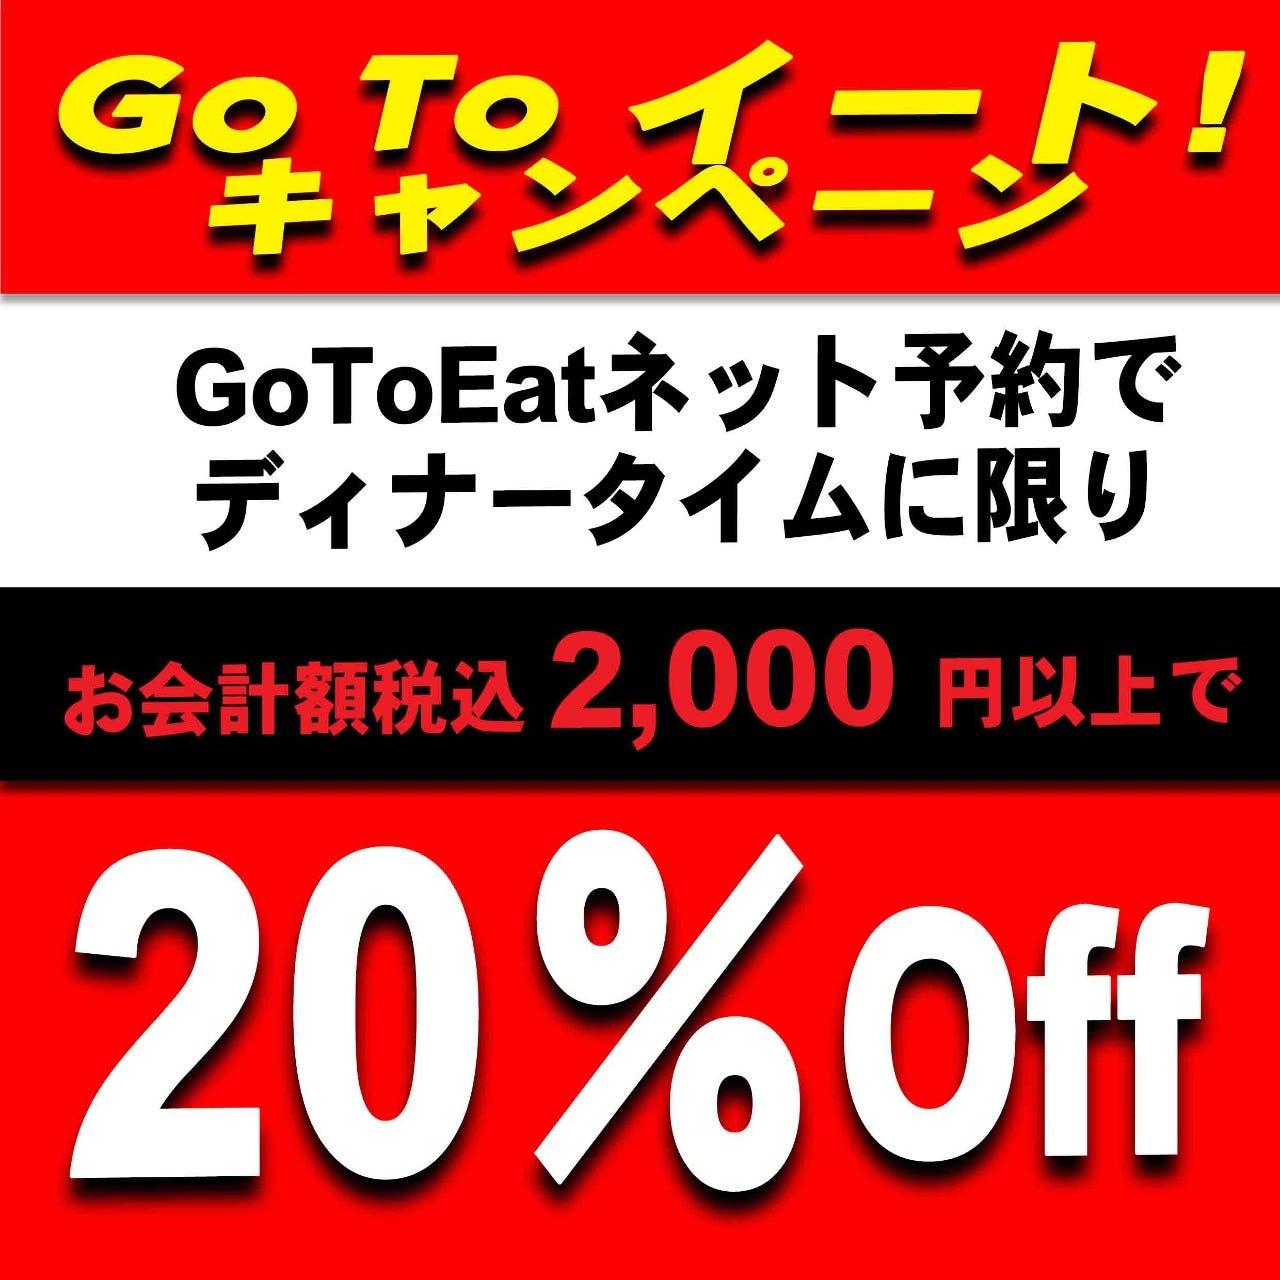 お席のみのご予約【GoToEatキャンペーン】ディナータイムにネット予約・お会計2000円以上で20%オフ